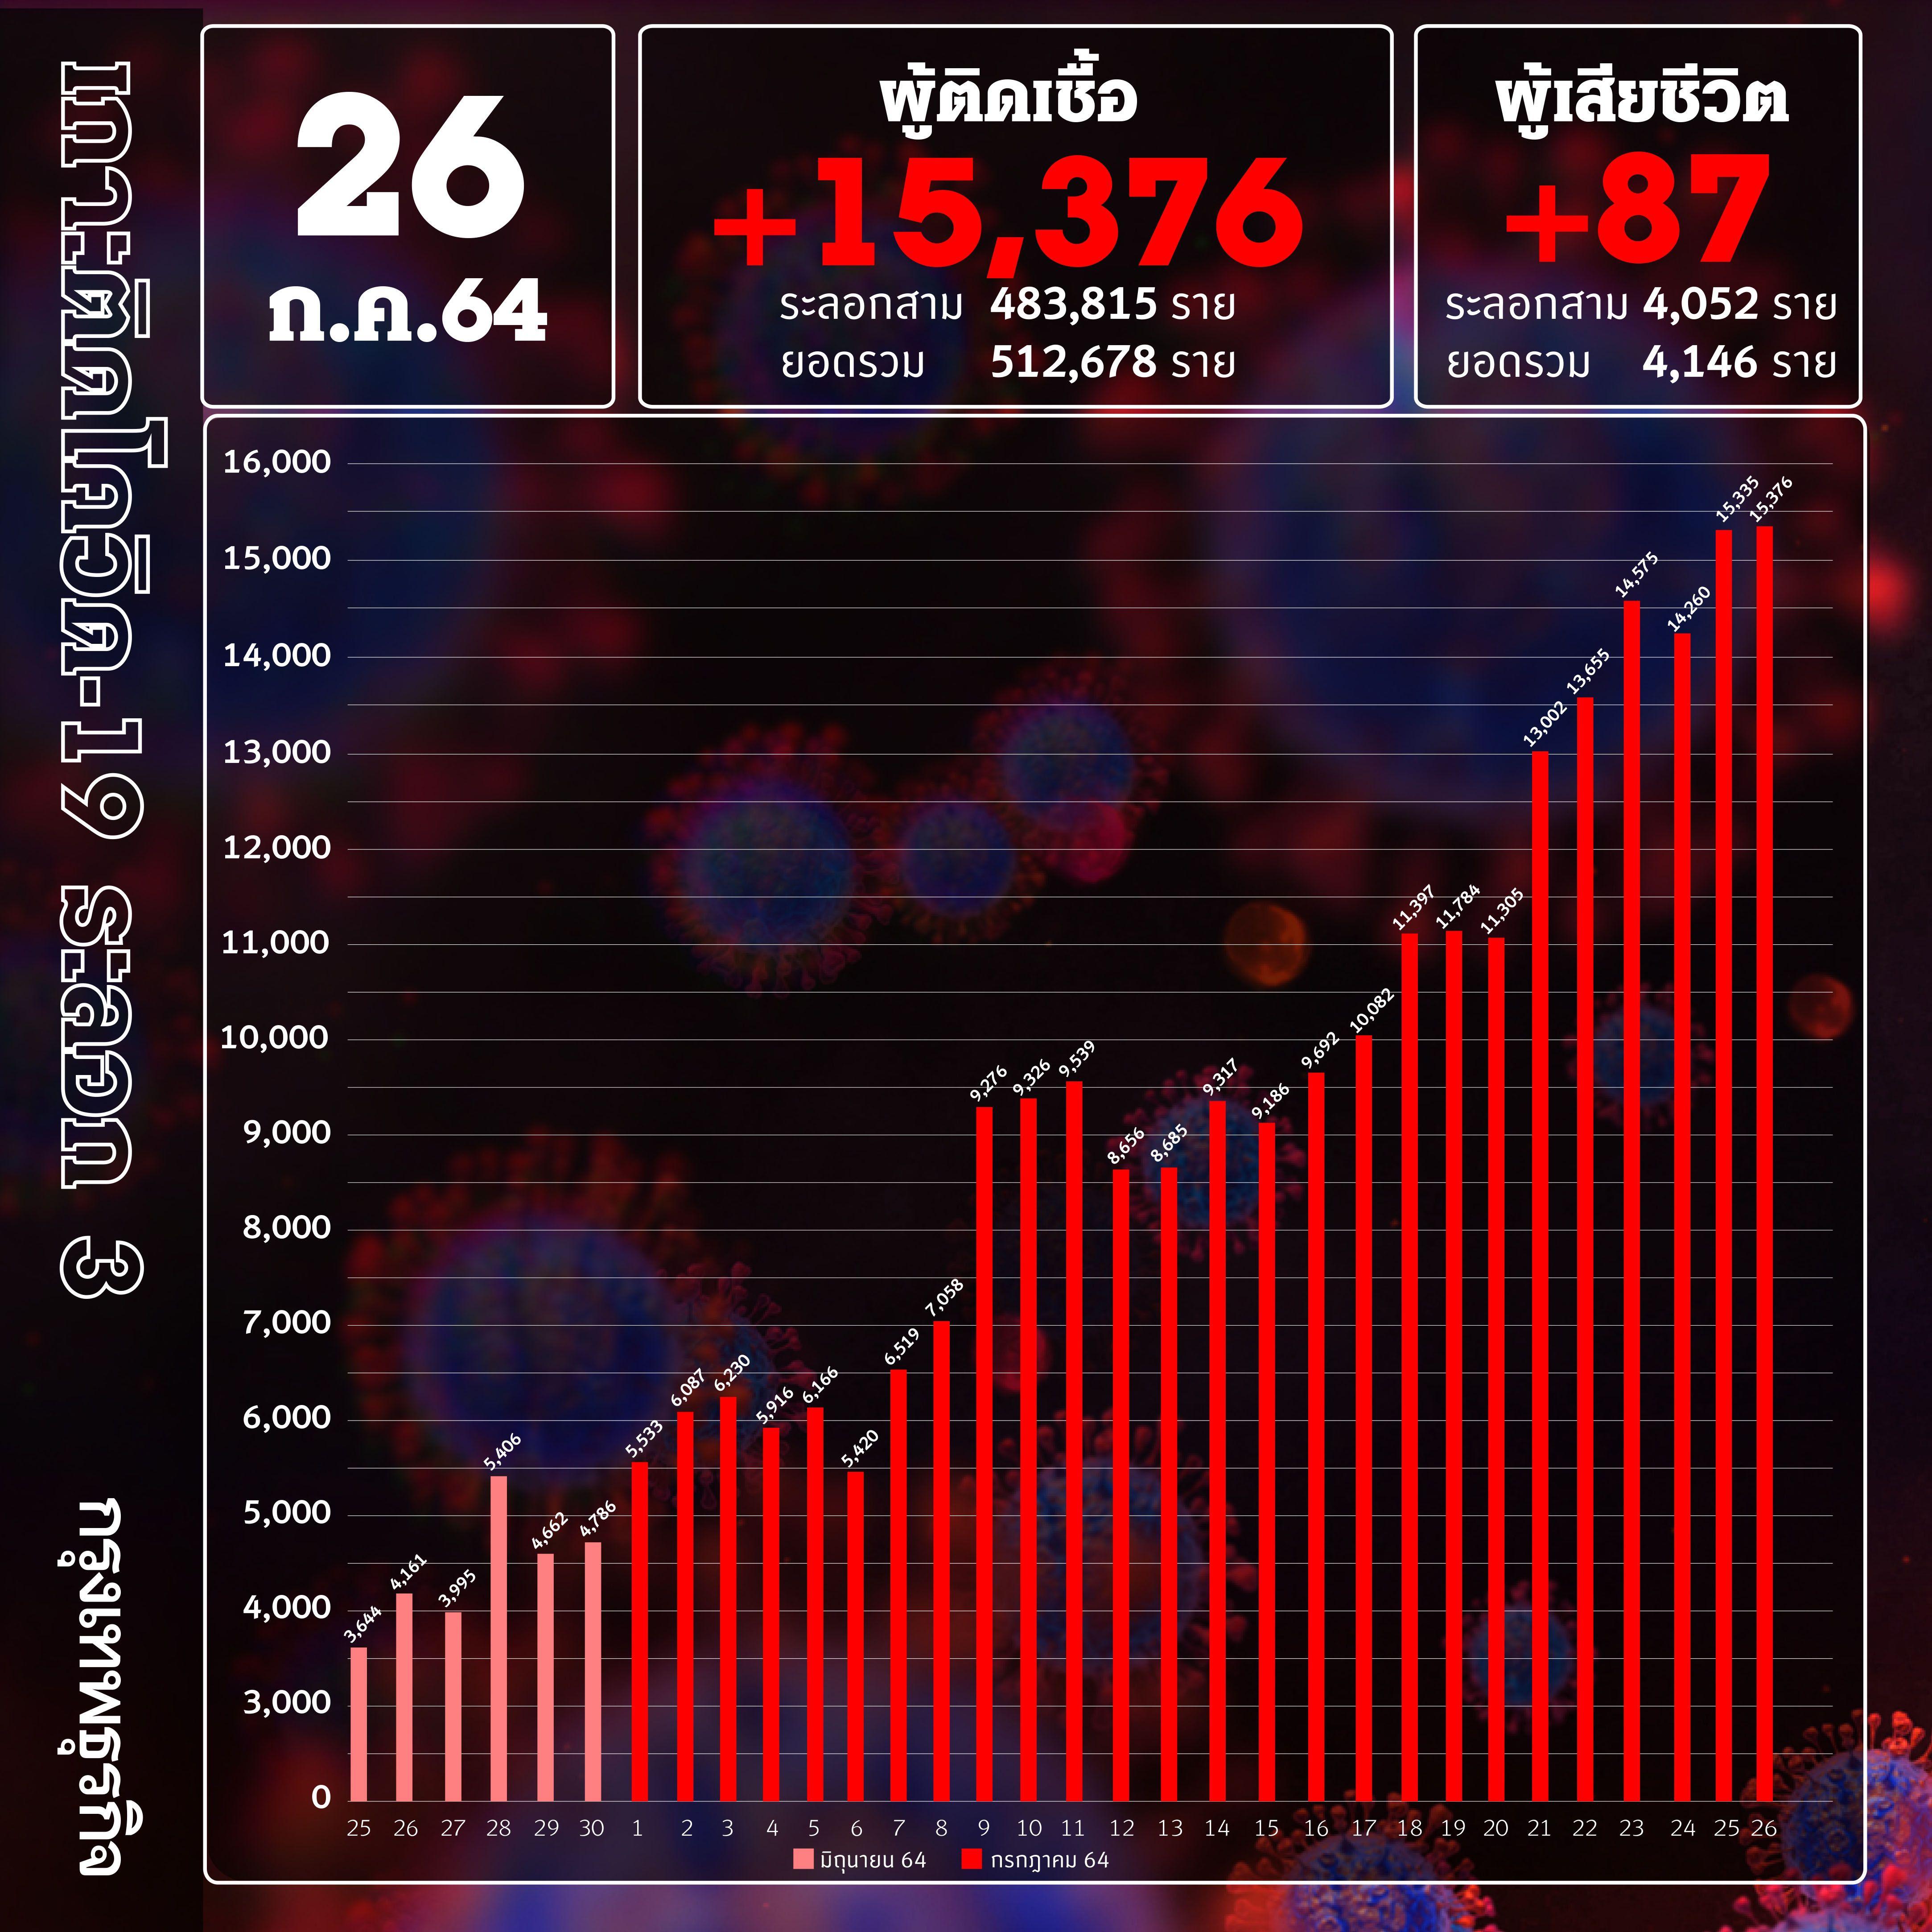 ยอด 'โควิด-19' วันนี้ สะสม 5 แสนแล้ว! พบติดเชื้อเพิ่ม 15,376ราย เสียชีวิต 87 ราย